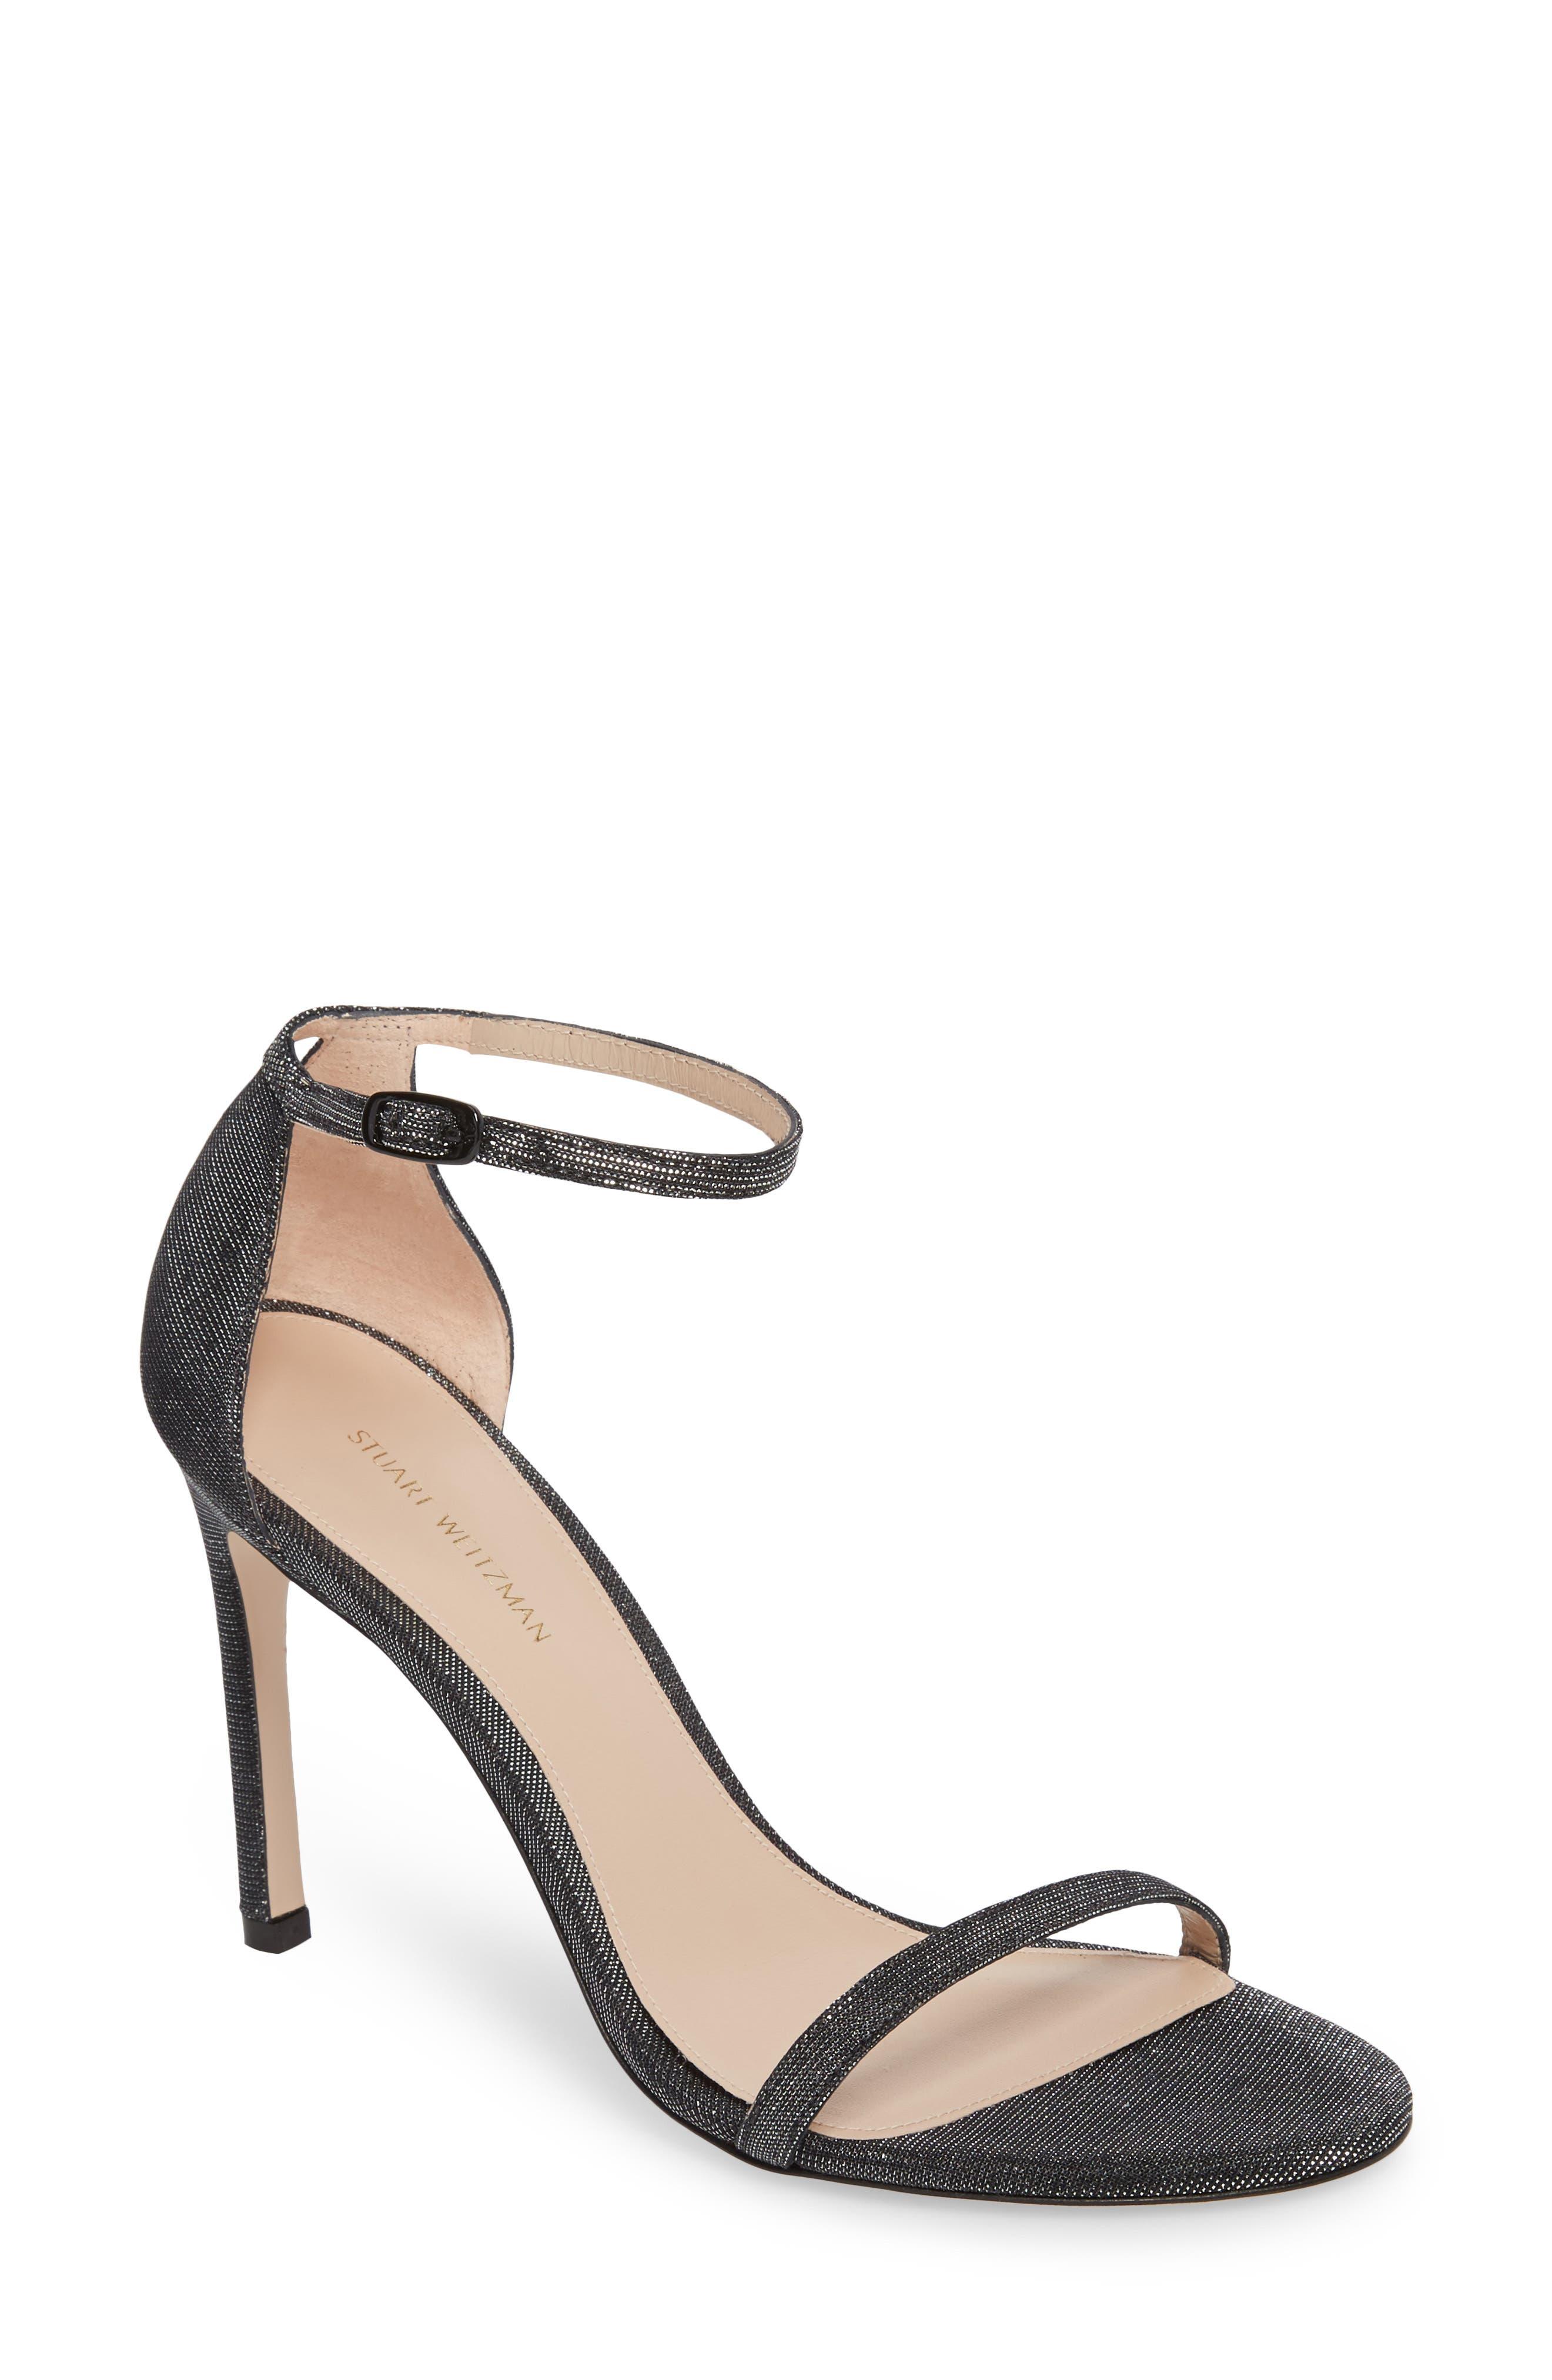 Stuart Weitzman City sandals GLASS NAPPA Women ShoesStuart Weitzman Chelsea bootsstuart weitzman sandals wedgeCheap